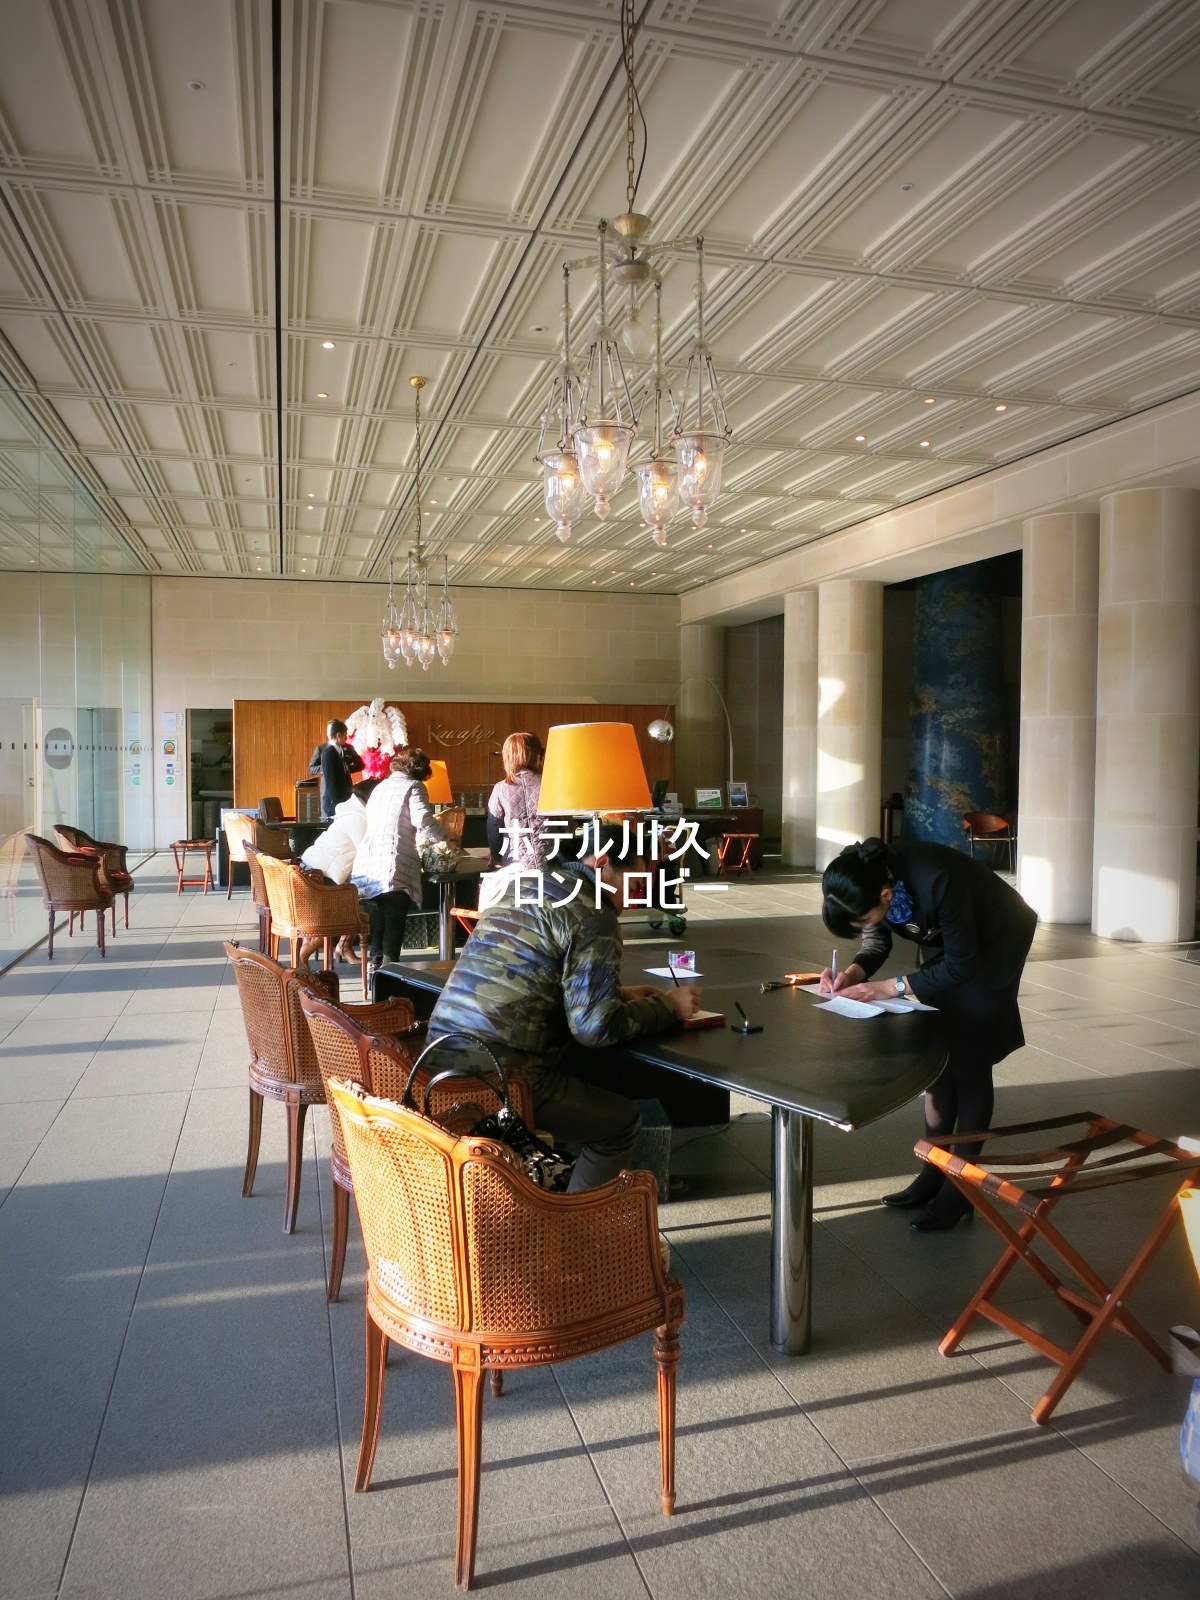 南紀白浜温泉で年越し ④ホテル川久にチェックイン♪_f0236260_1884664.jpg